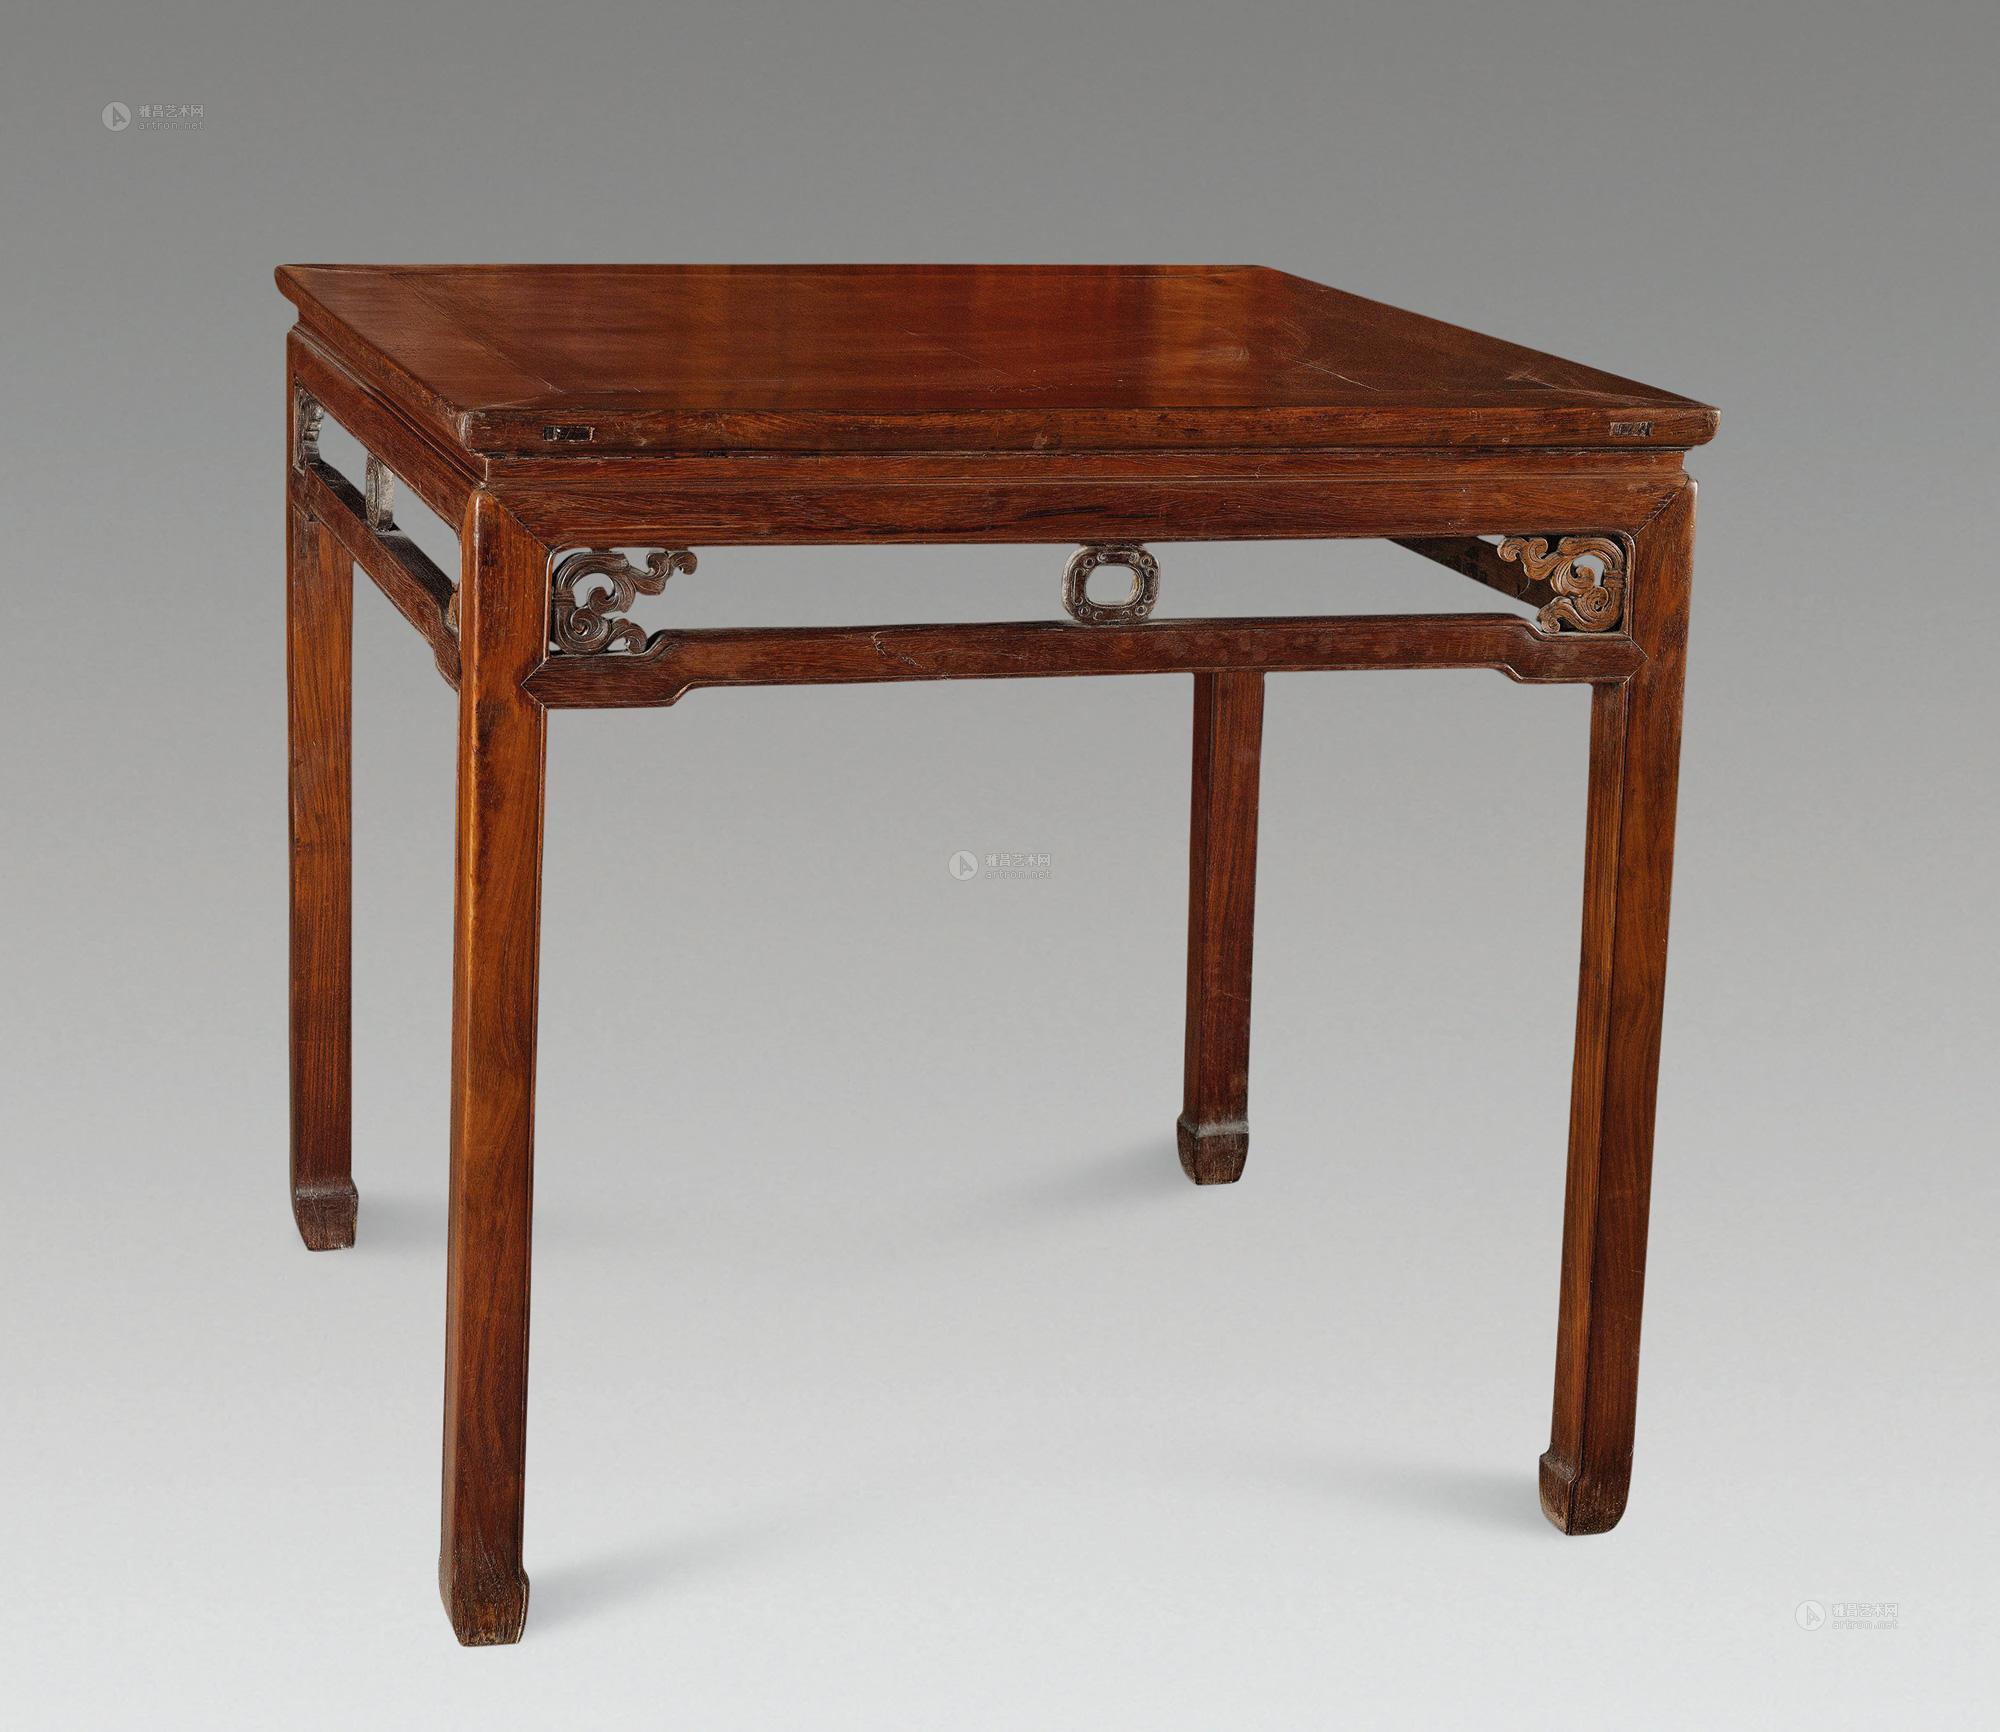 【清中期 红木方桌】拍卖品_图片_价格_鉴赏_红木_品